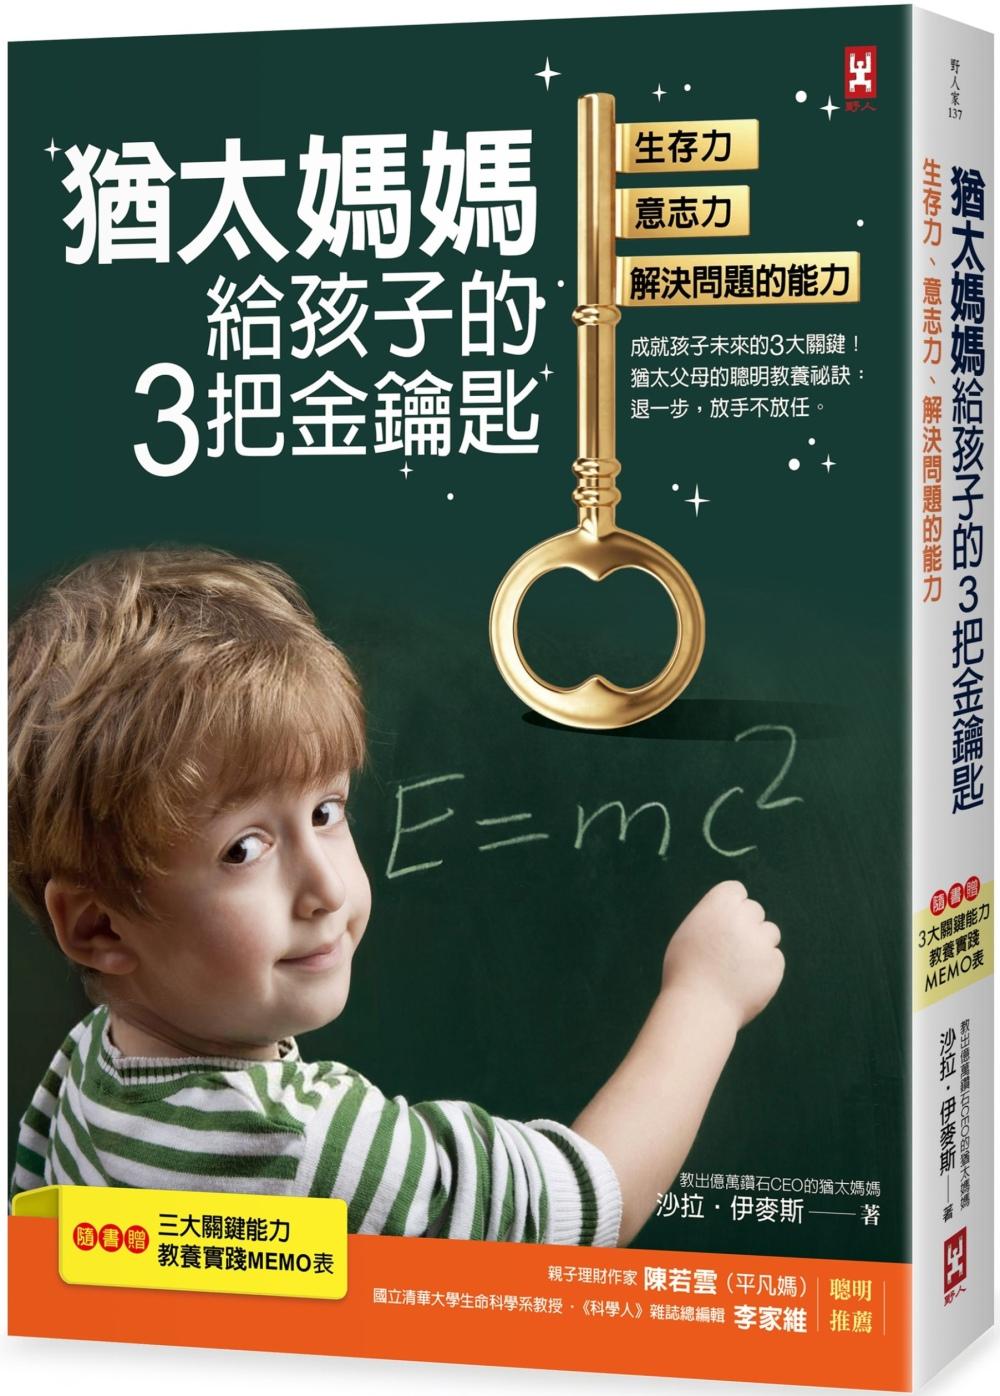 猶太媽媽給孩子的3把金鑰匙:生存力、意志力、解決問題的能力【隨書贈:3大關鍵能力教養實踐MEMO表】(二版)